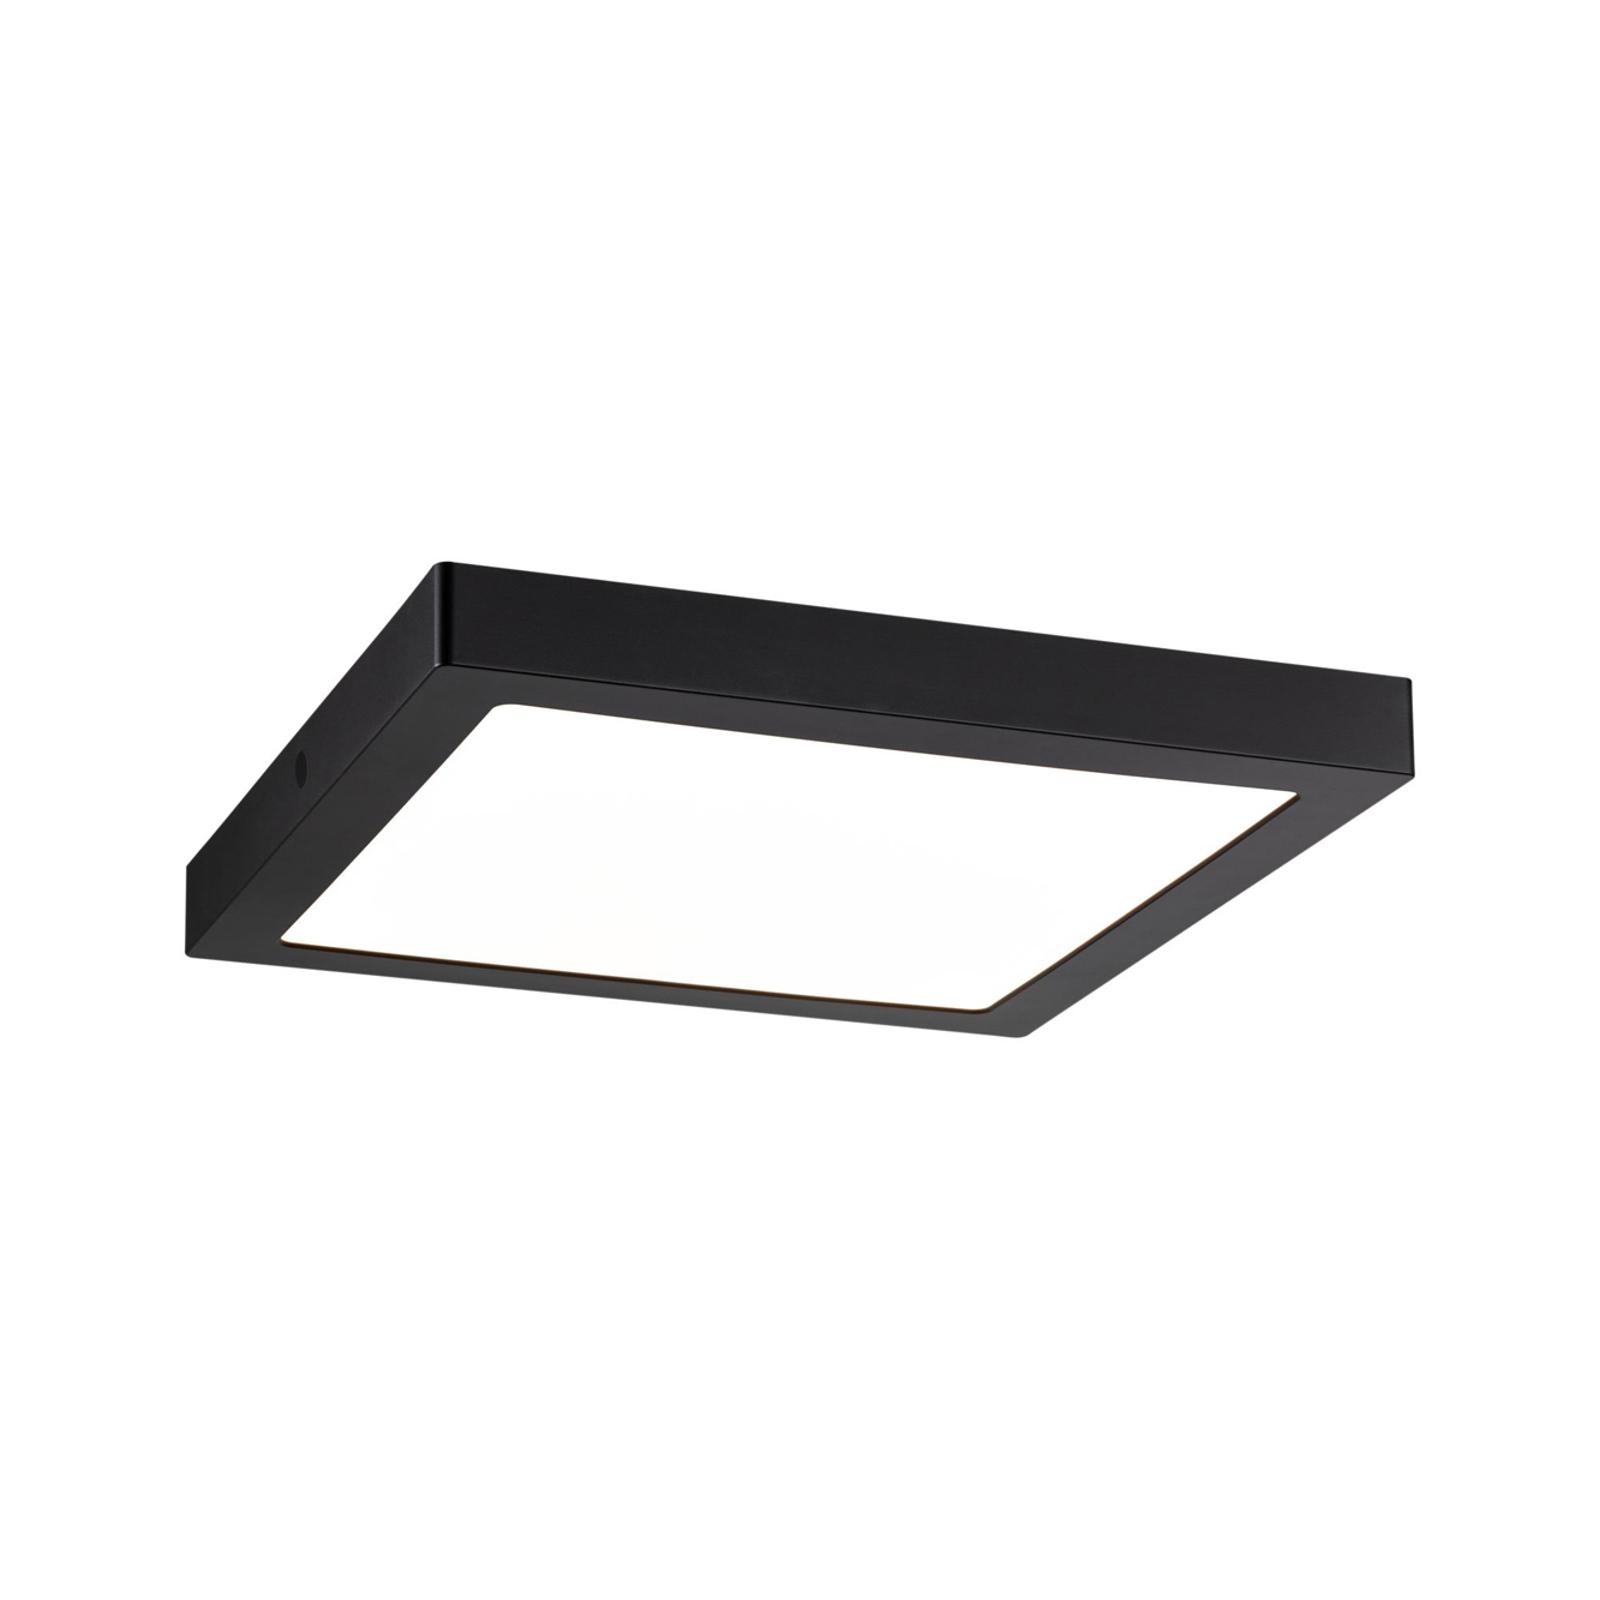 Paulmann Abia LED-Panel eckig, schwarz matt